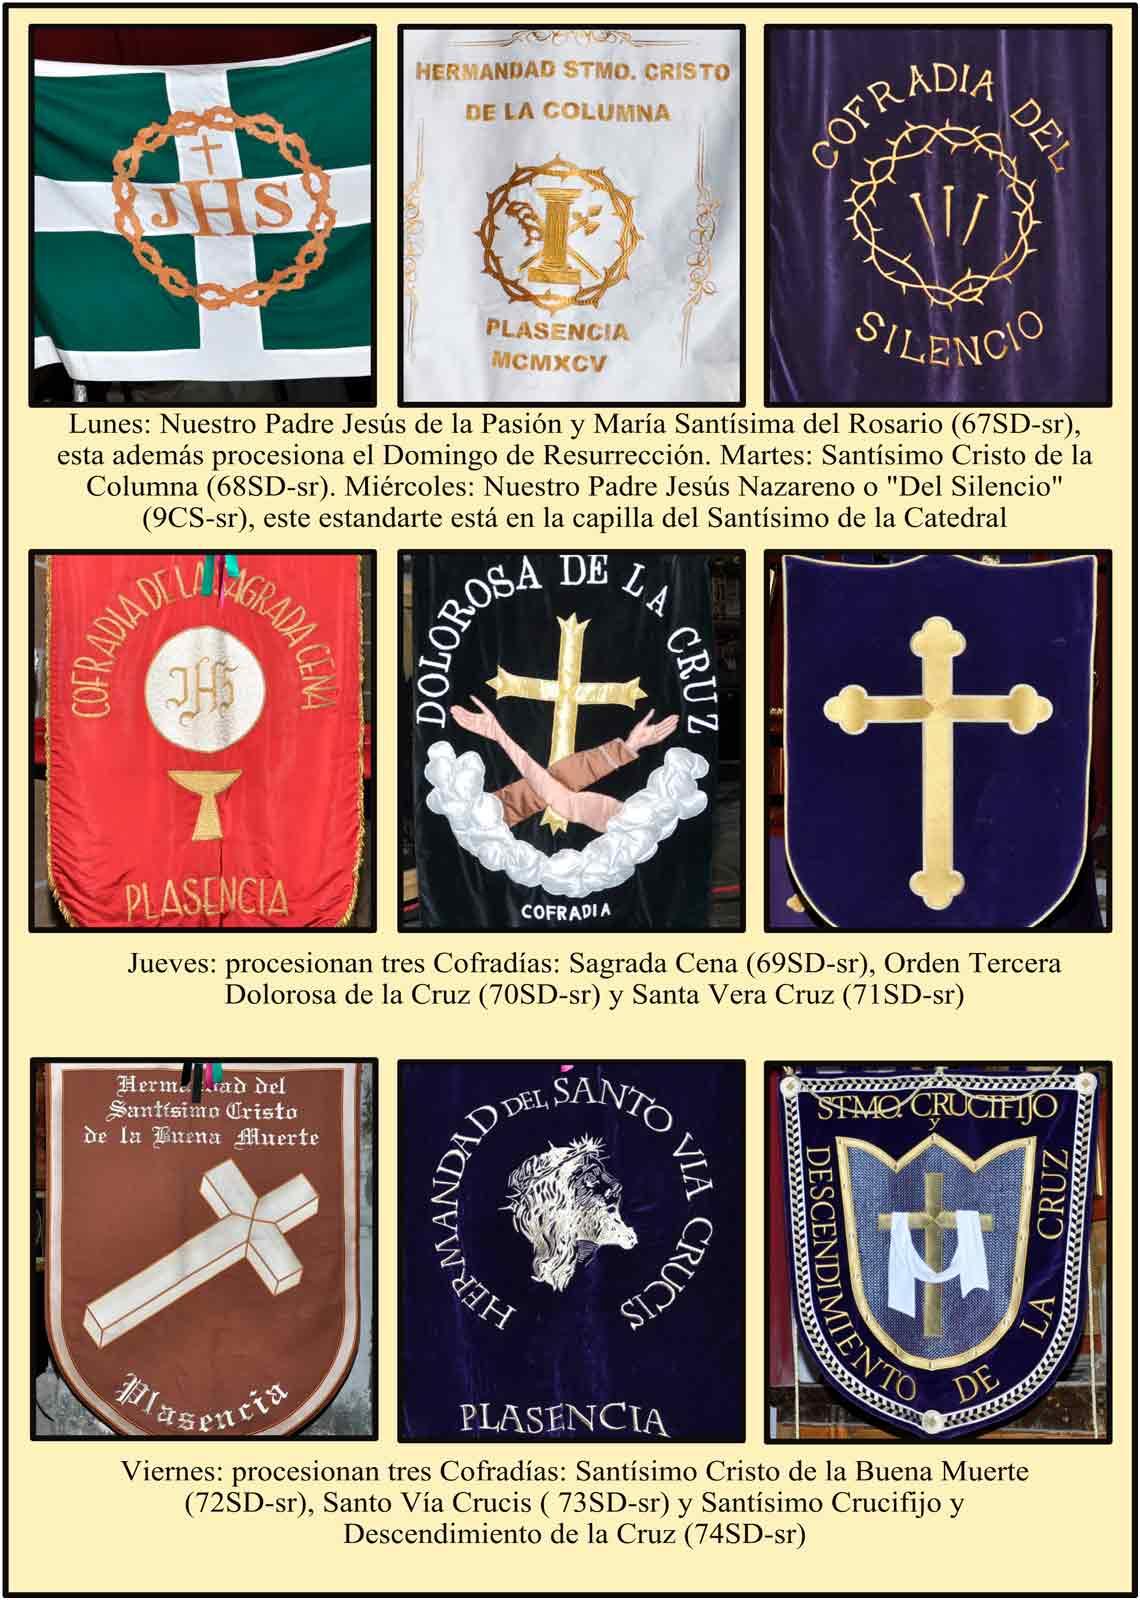 Estandartes con los escudos de la Cofradias